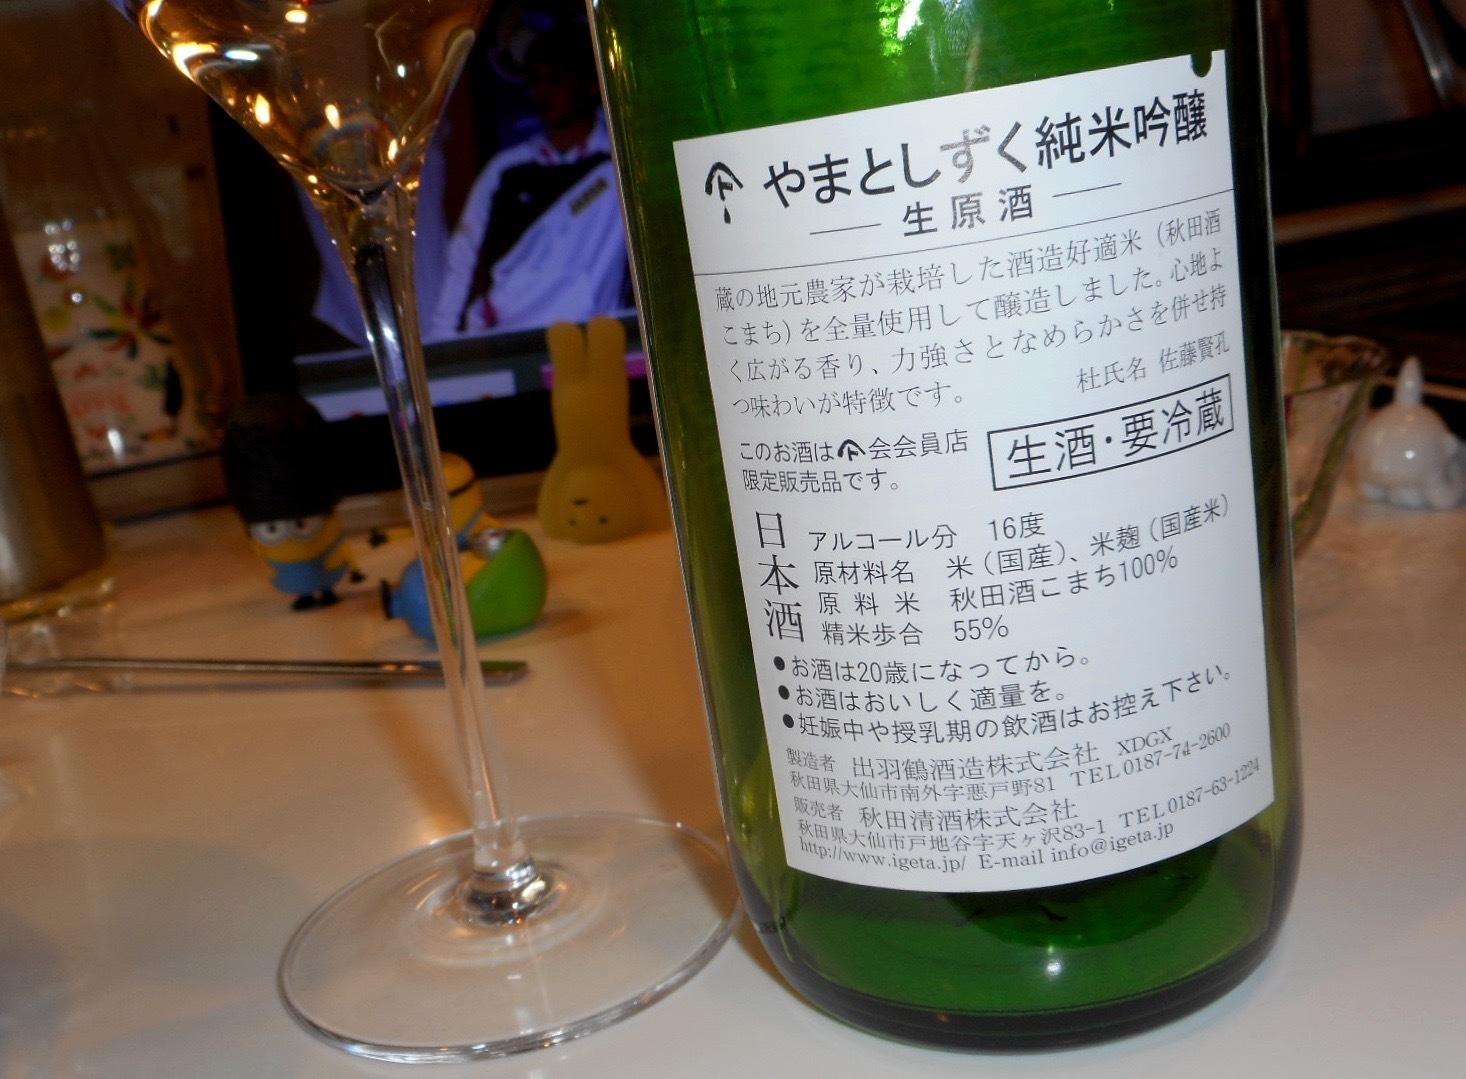 yamatoshizuku_jungin_jikazume28by2.jpg